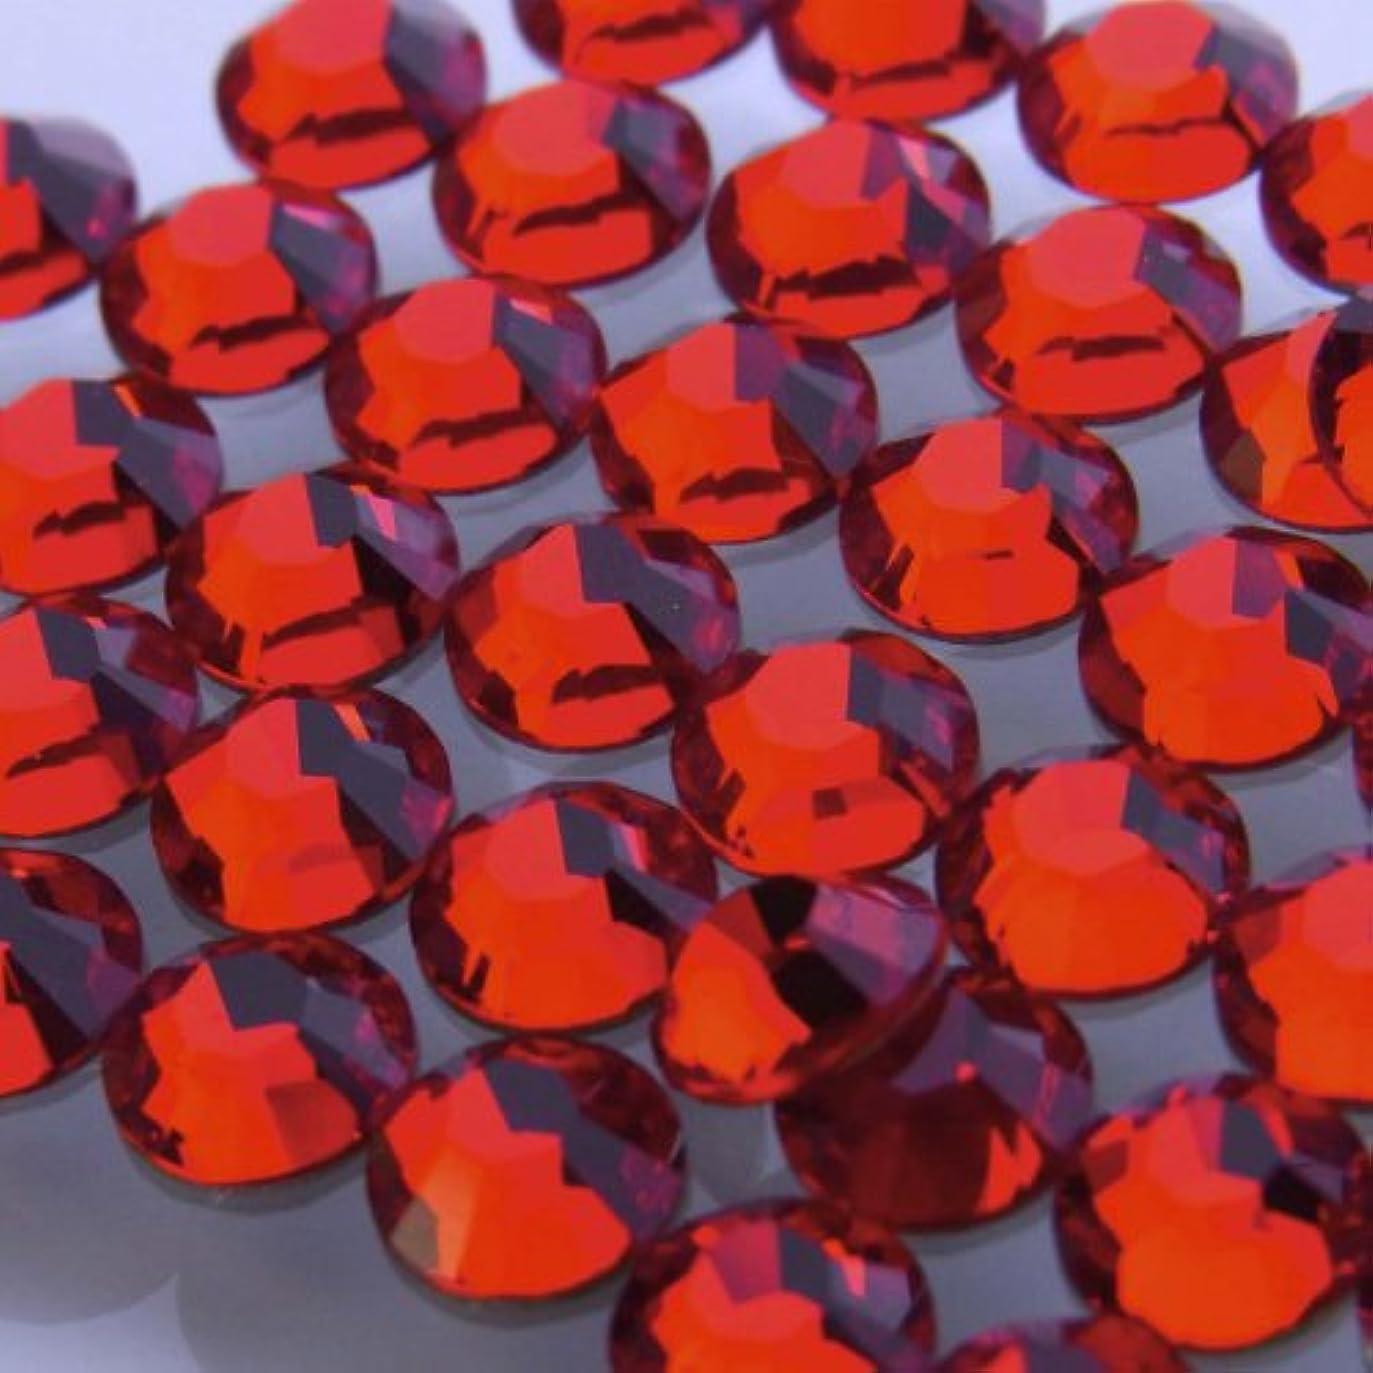 反動見えない噛むHotfixライトシャムss20(100粒入り)スワロフスキーラインストーンホットフィックス